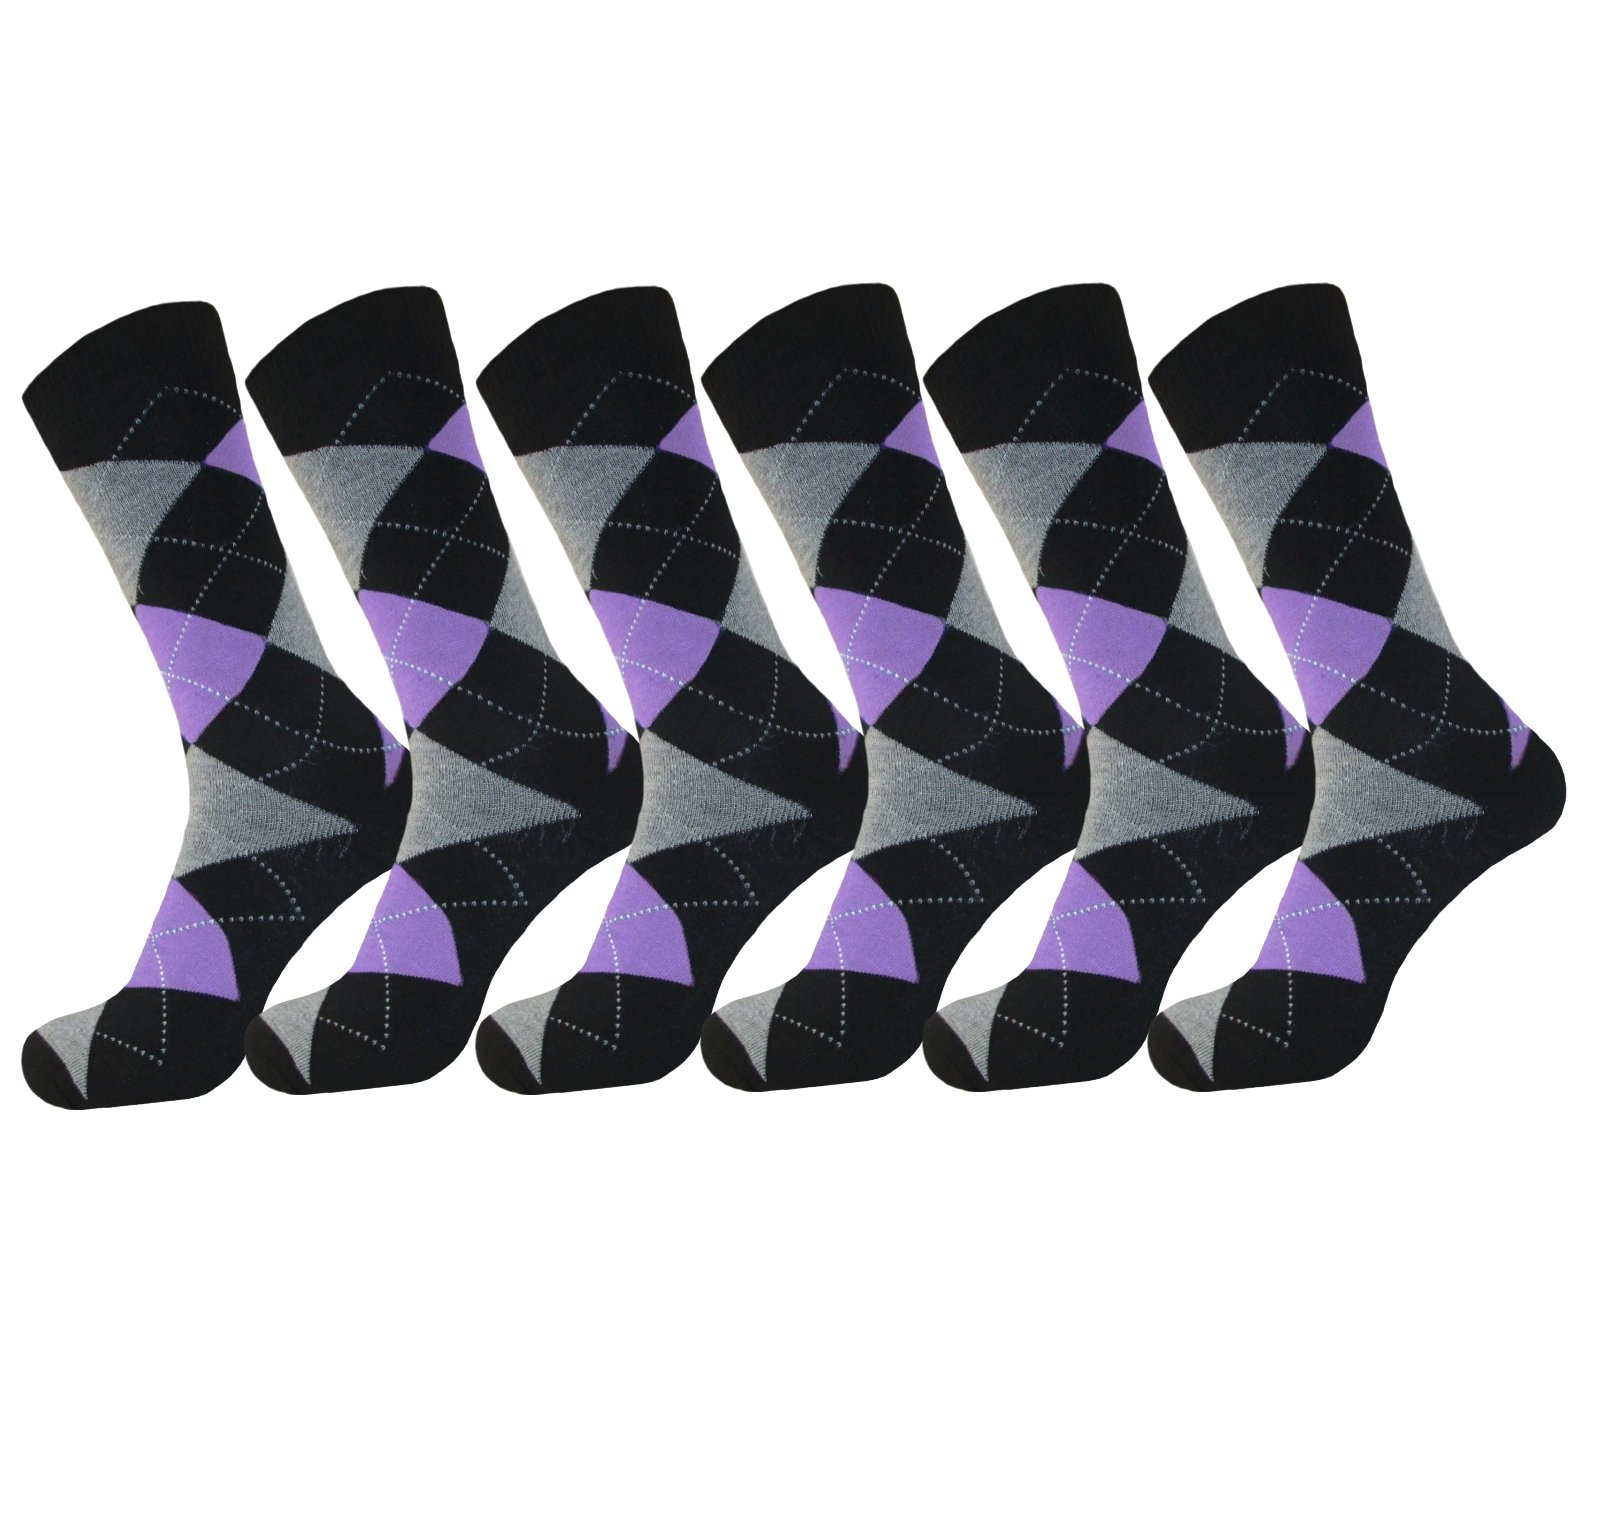 MENS ARGYLE PURPLE DRESS SOCKS COTTON BLEND 6 PAIR ROYAL CLASSIC 10-13